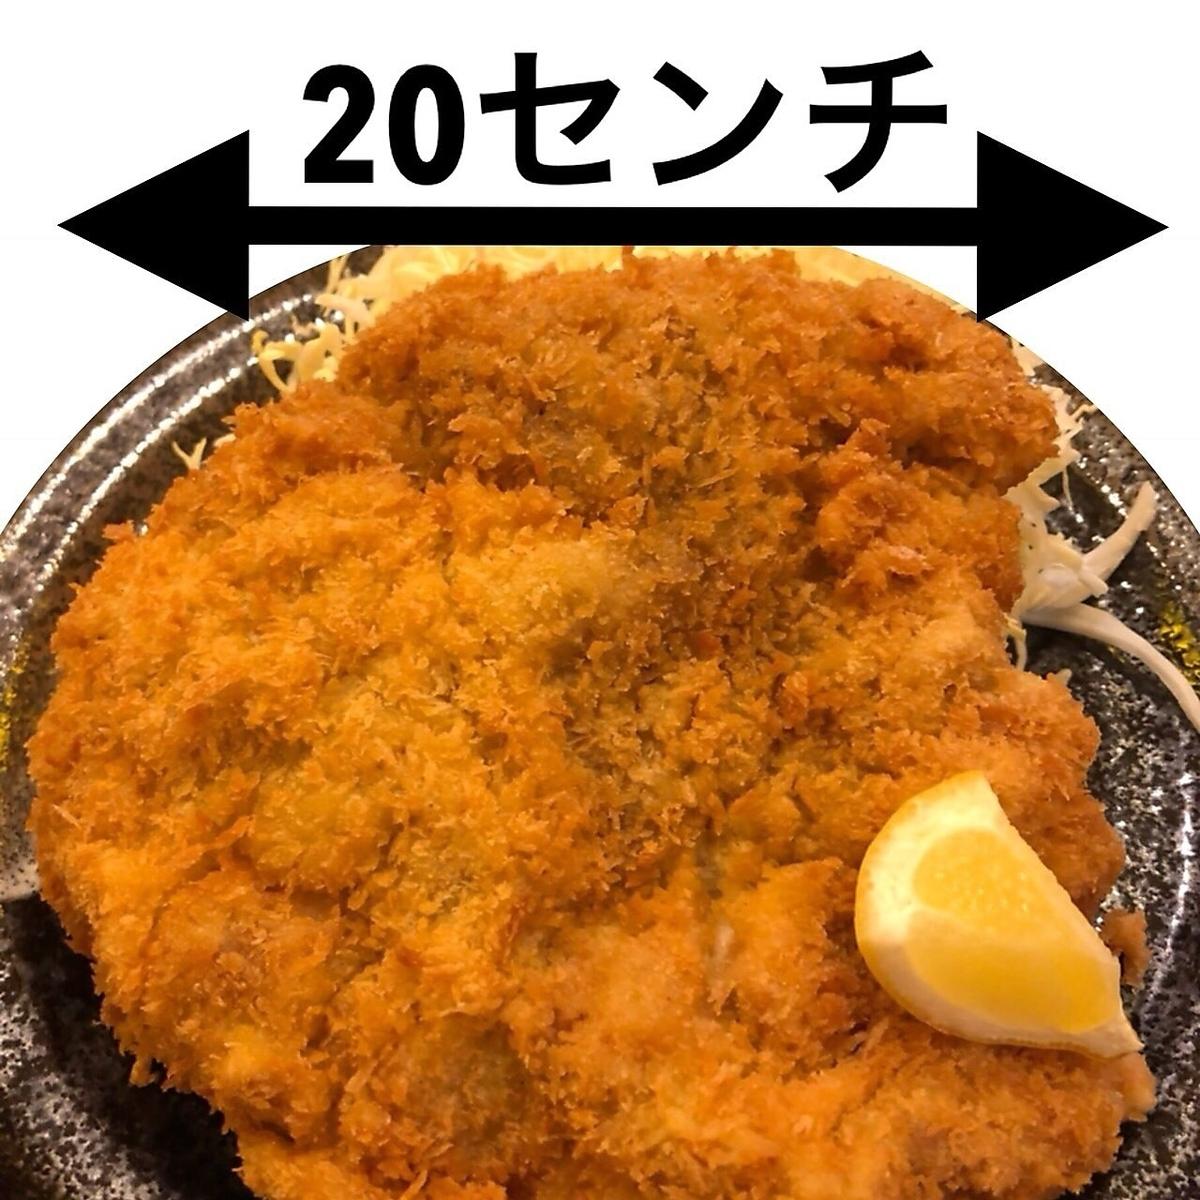 Big chicken cutlet